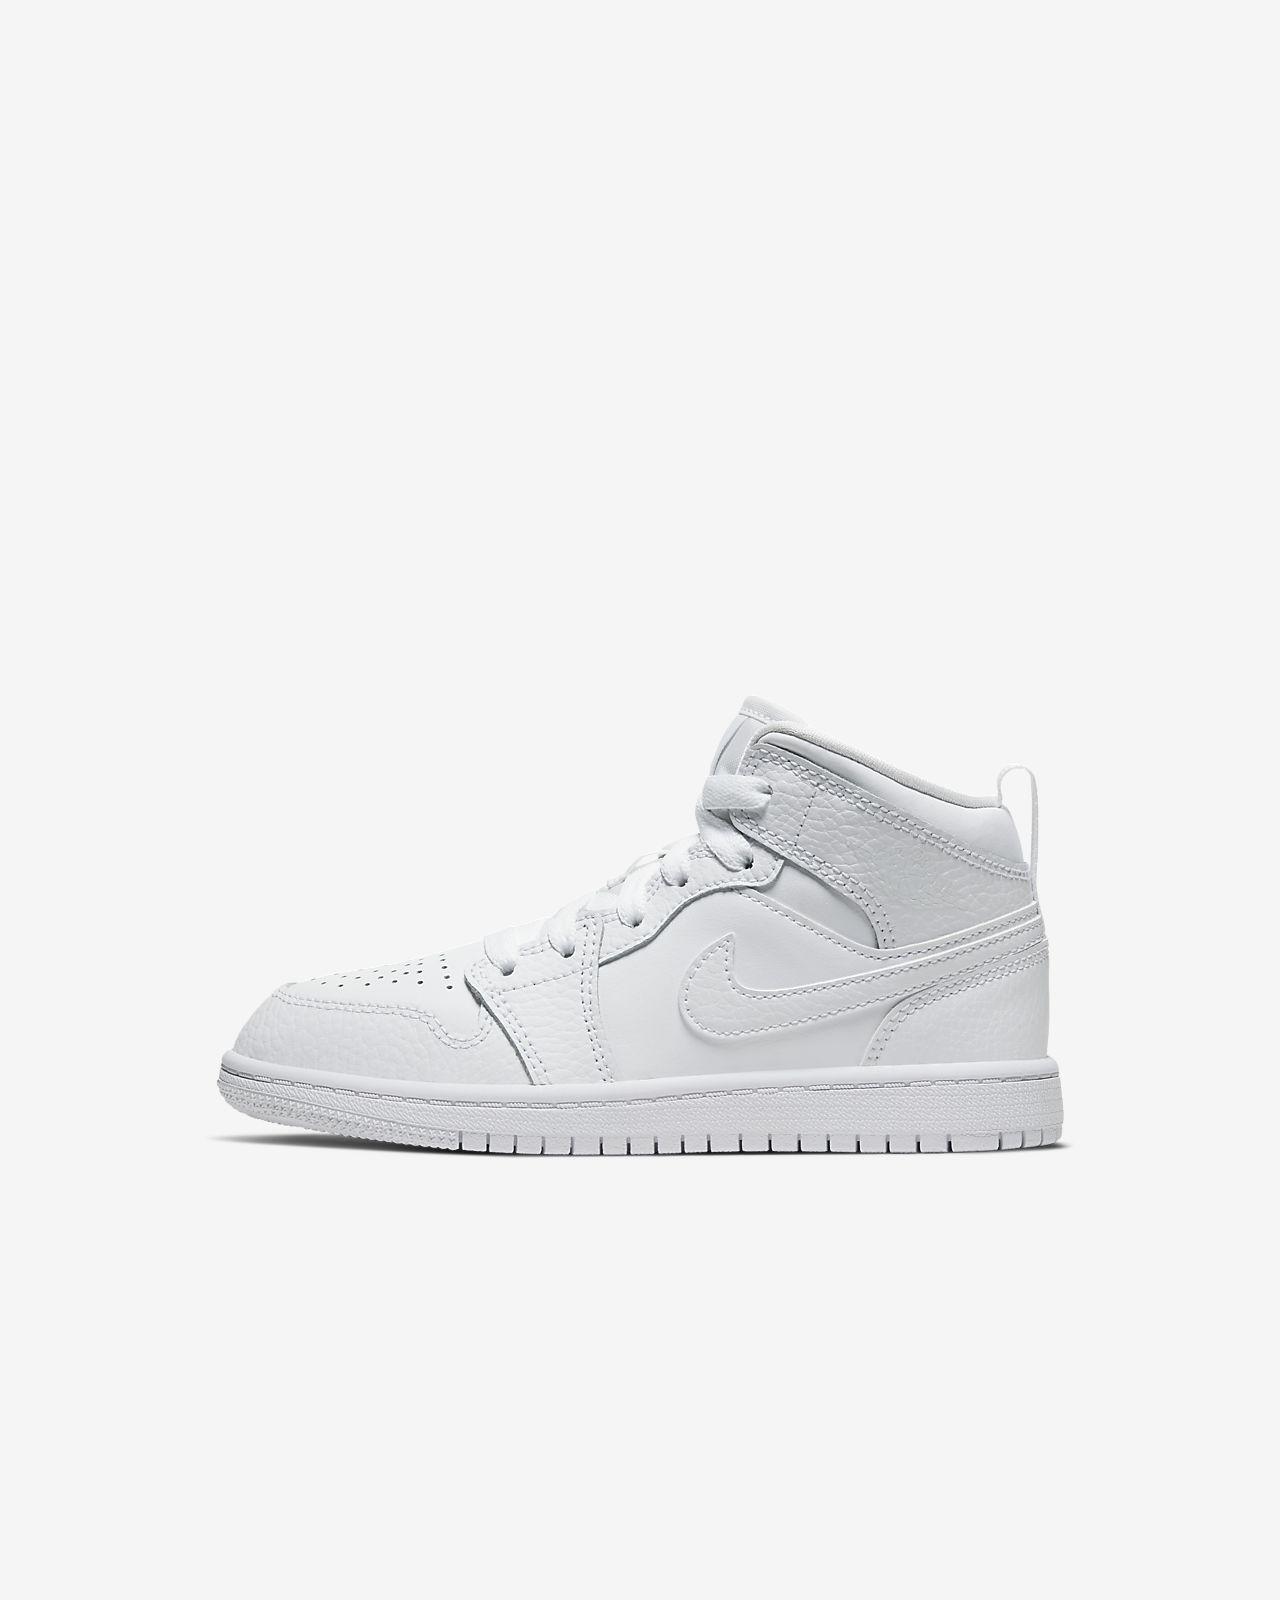 Jordan 1 Mid Zapatillas Niñoa pequeñoa